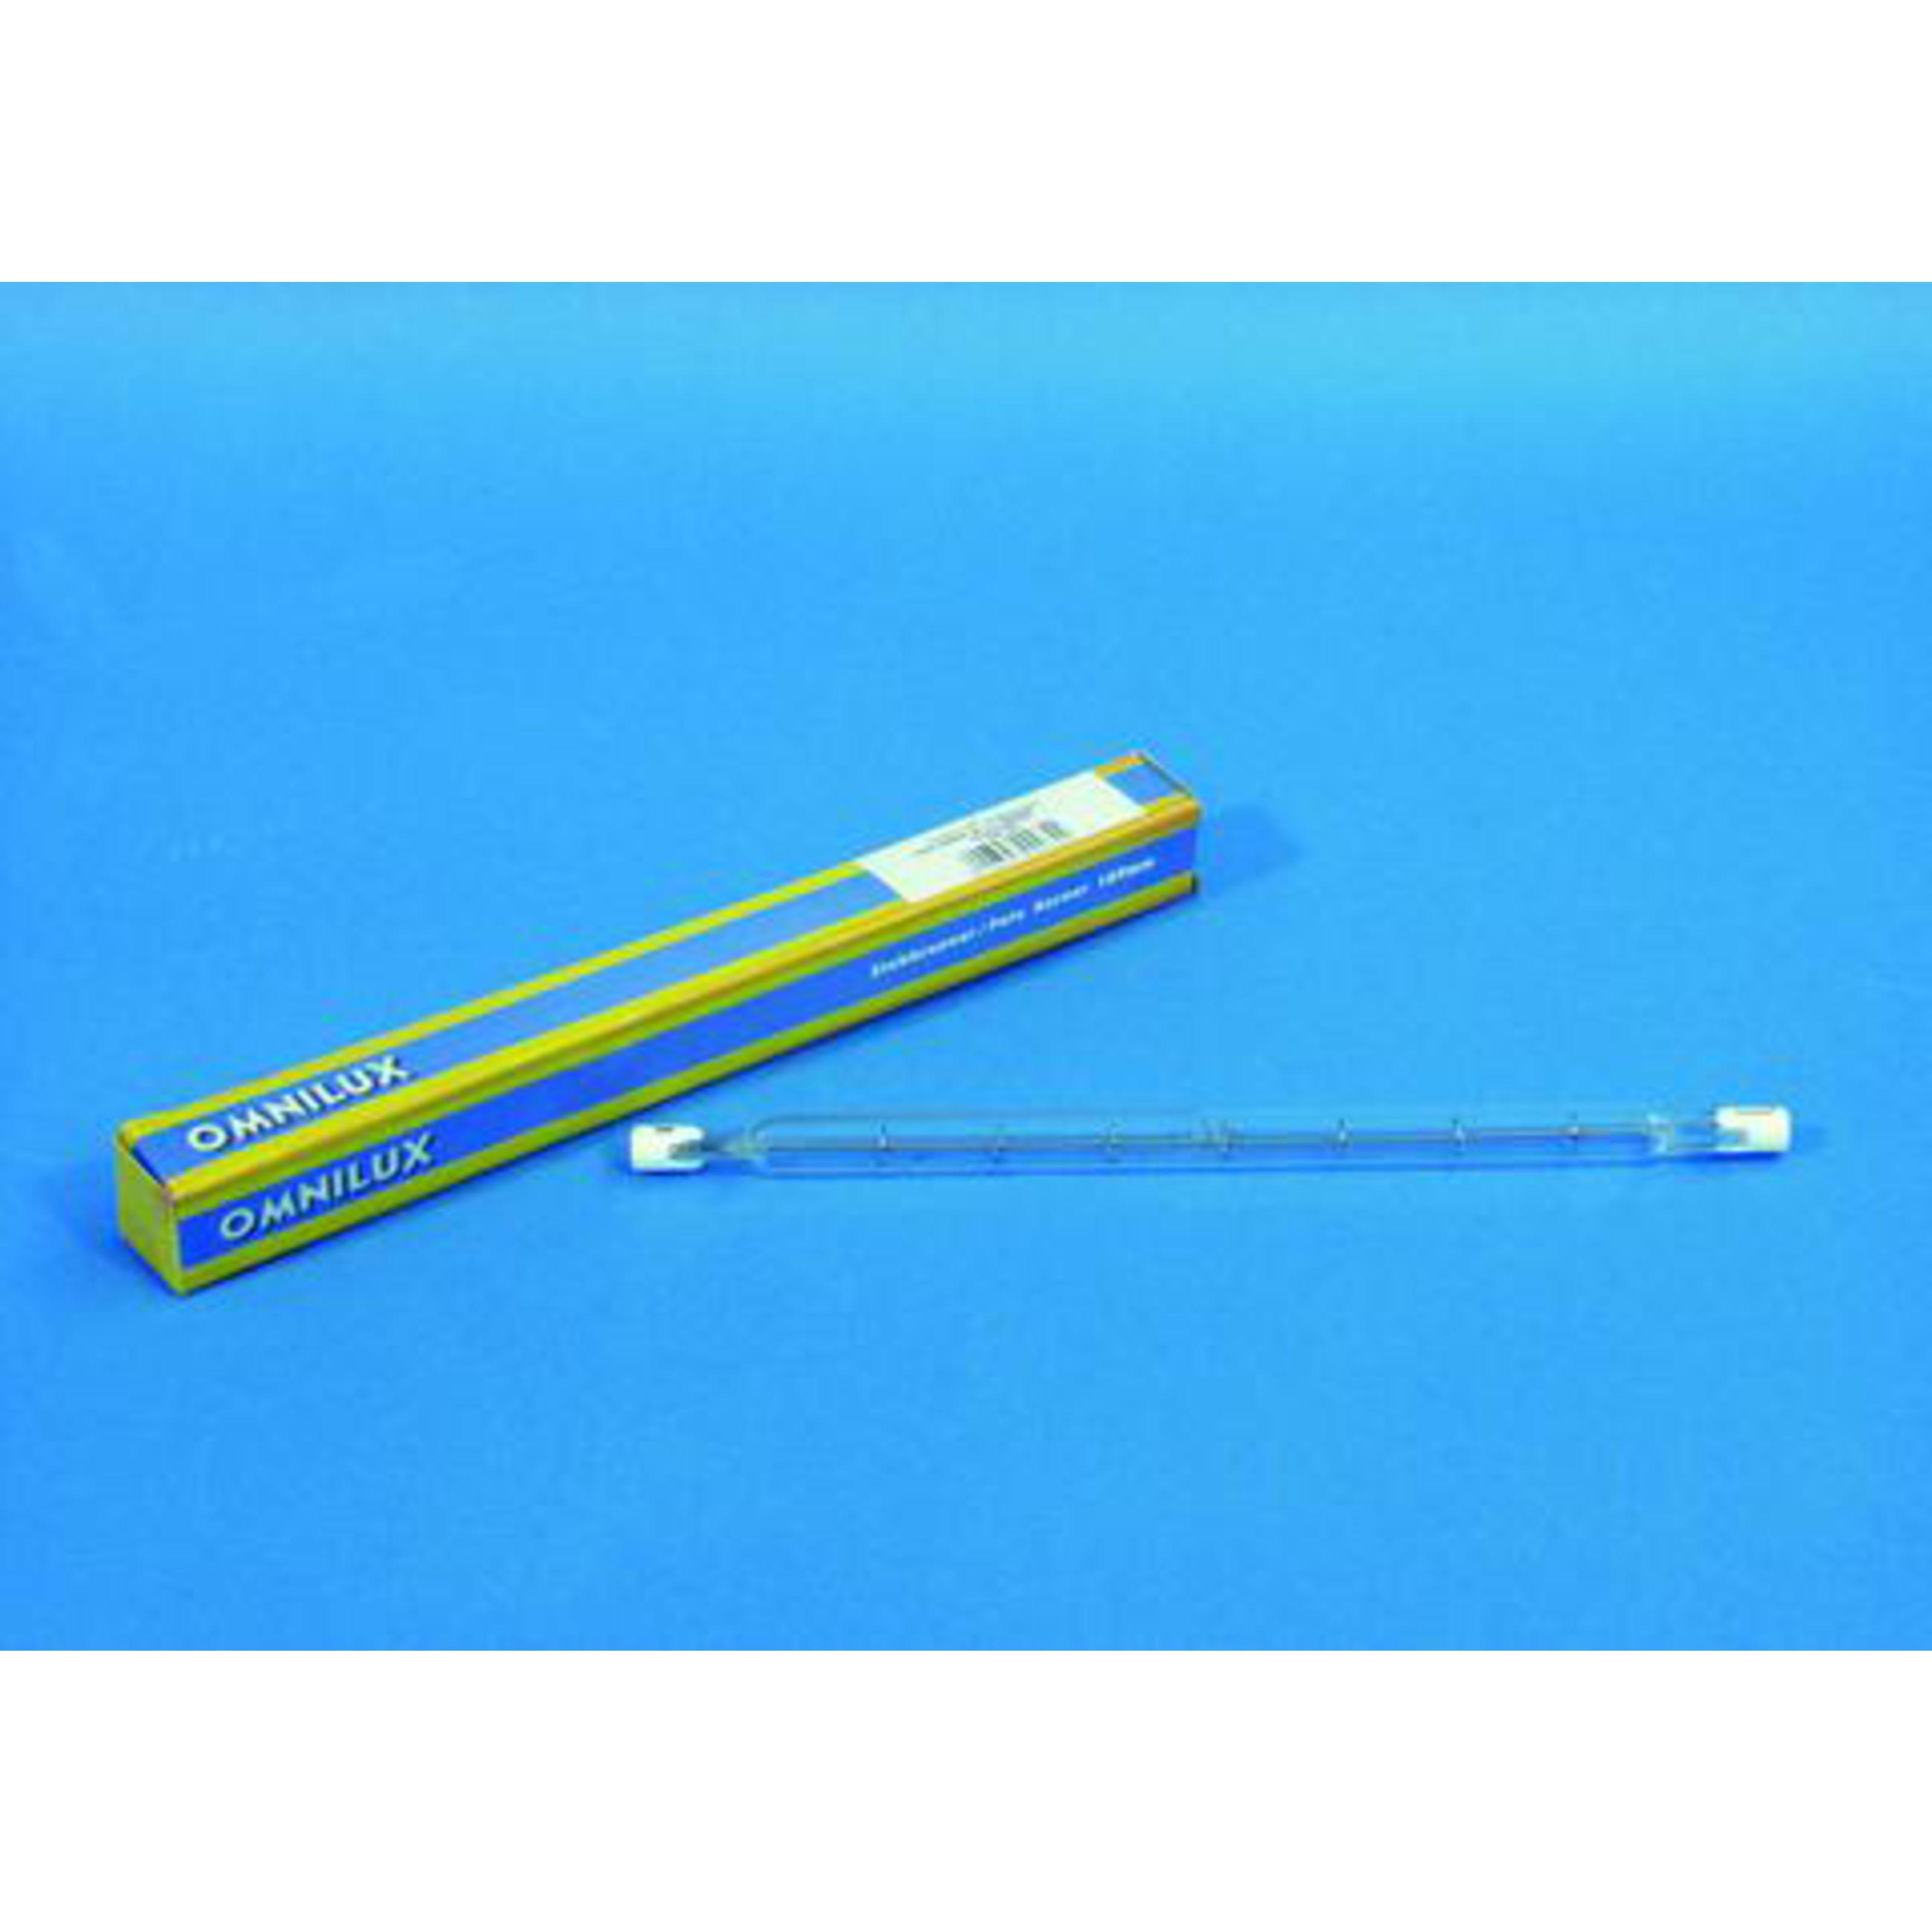 Omnilux - 230V/1000W Halogen Rod R-7-s, 189mm 91200010